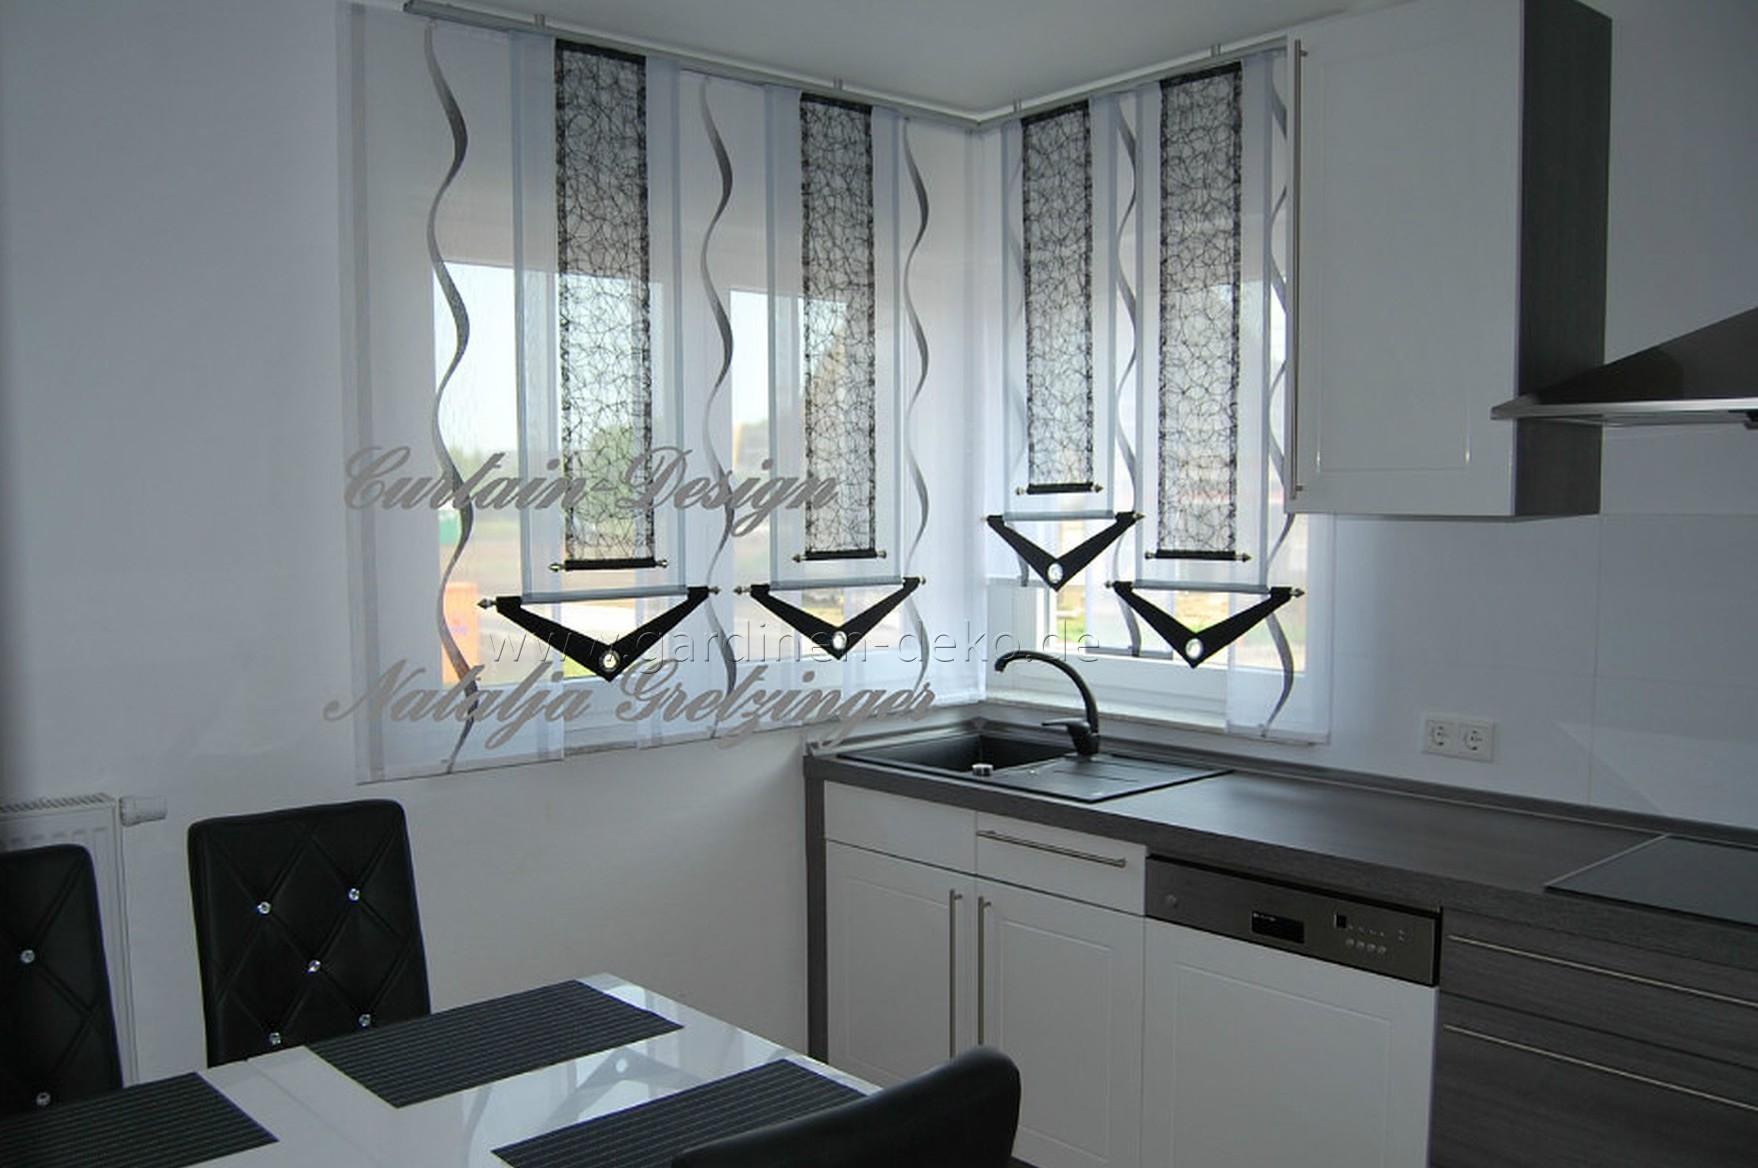 Full Size of Gardinen Küchenfenster Schiebegardinen Fr Kchenfenster Besonders Reizvolle Für Die Küche Scheibengardinen Fenster Wohnzimmer Schlafzimmer Wohnzimmer Gardinen Küchenfenster